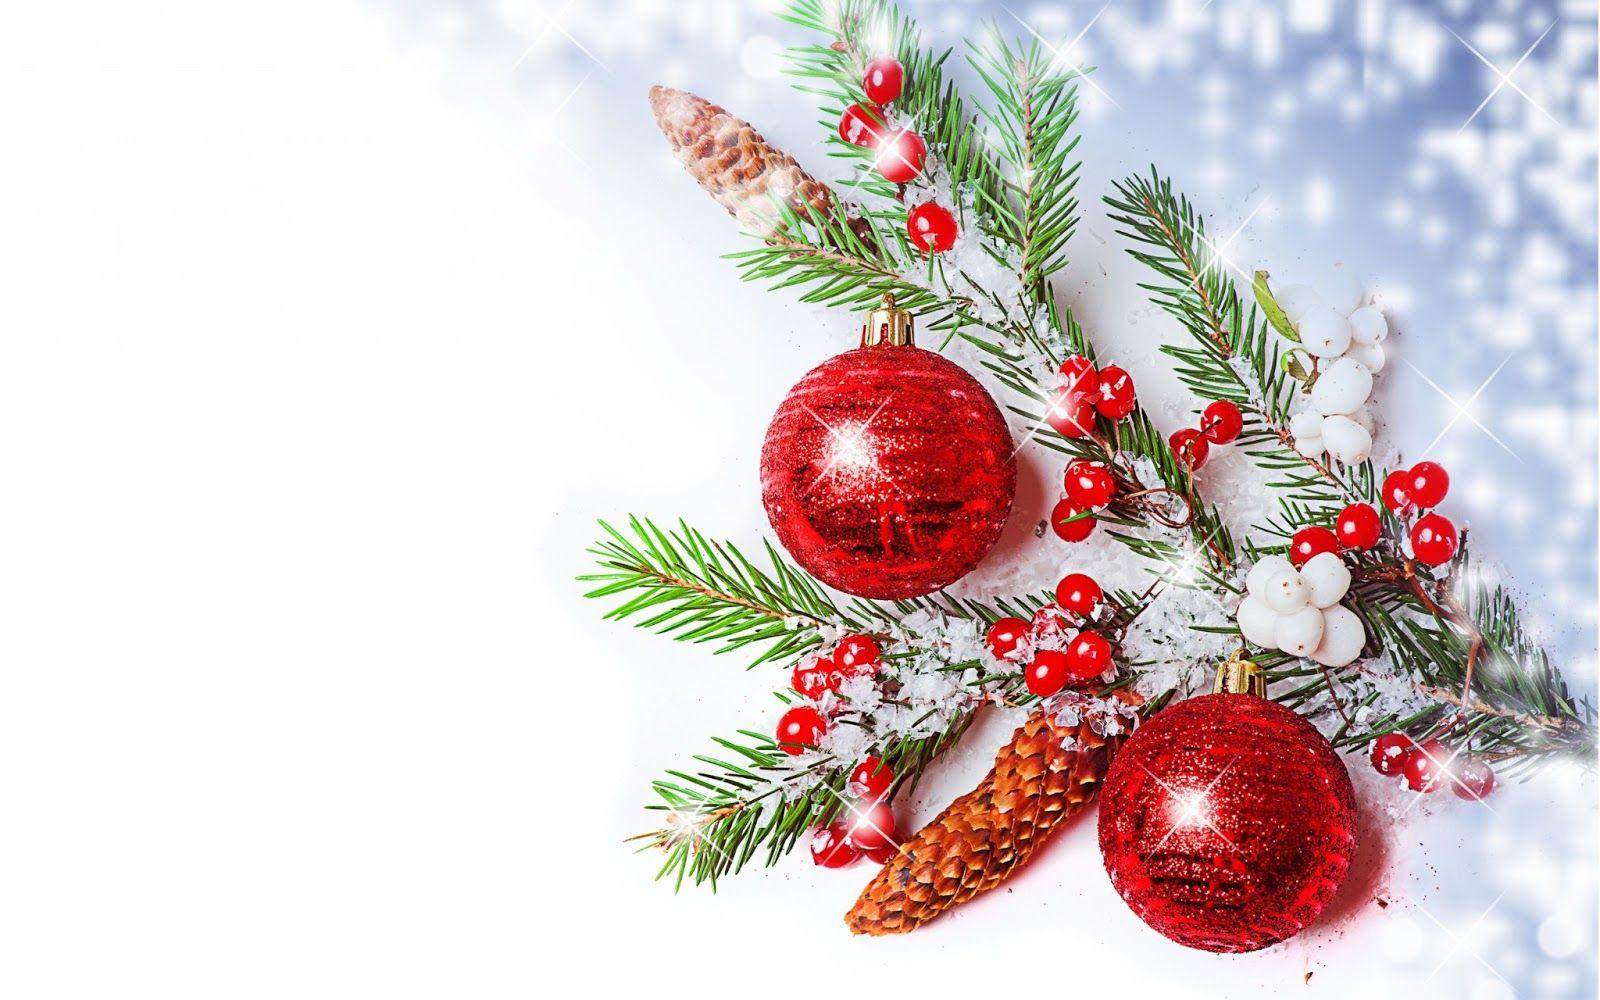 Fondos navide os en psd en hd gratis para descargar 4 hd - Plantillas adornos navidenos ...